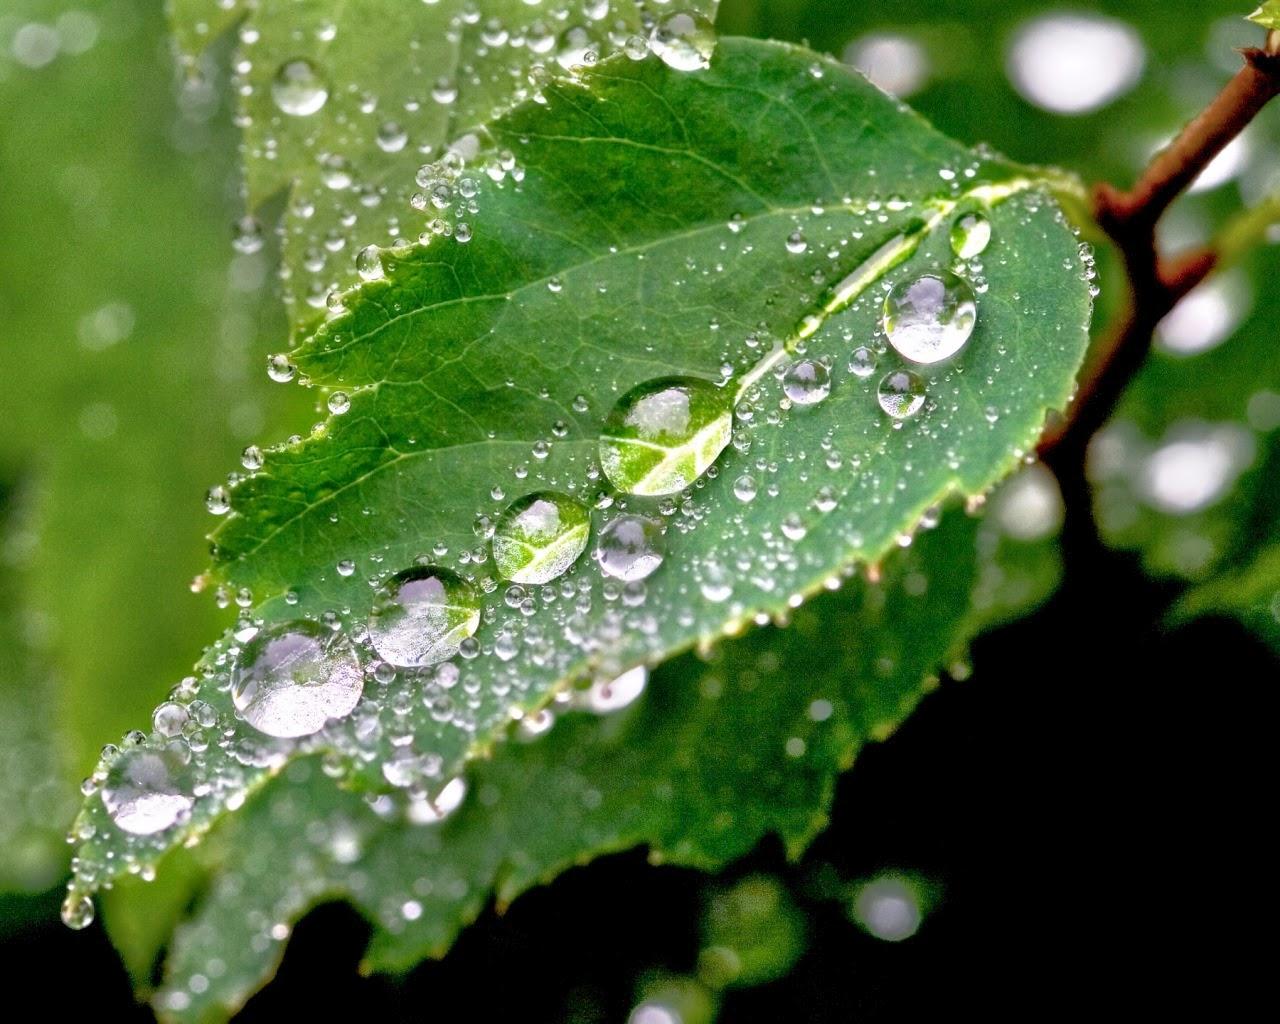 green rain rain nature wallpaper 16 picture gallery